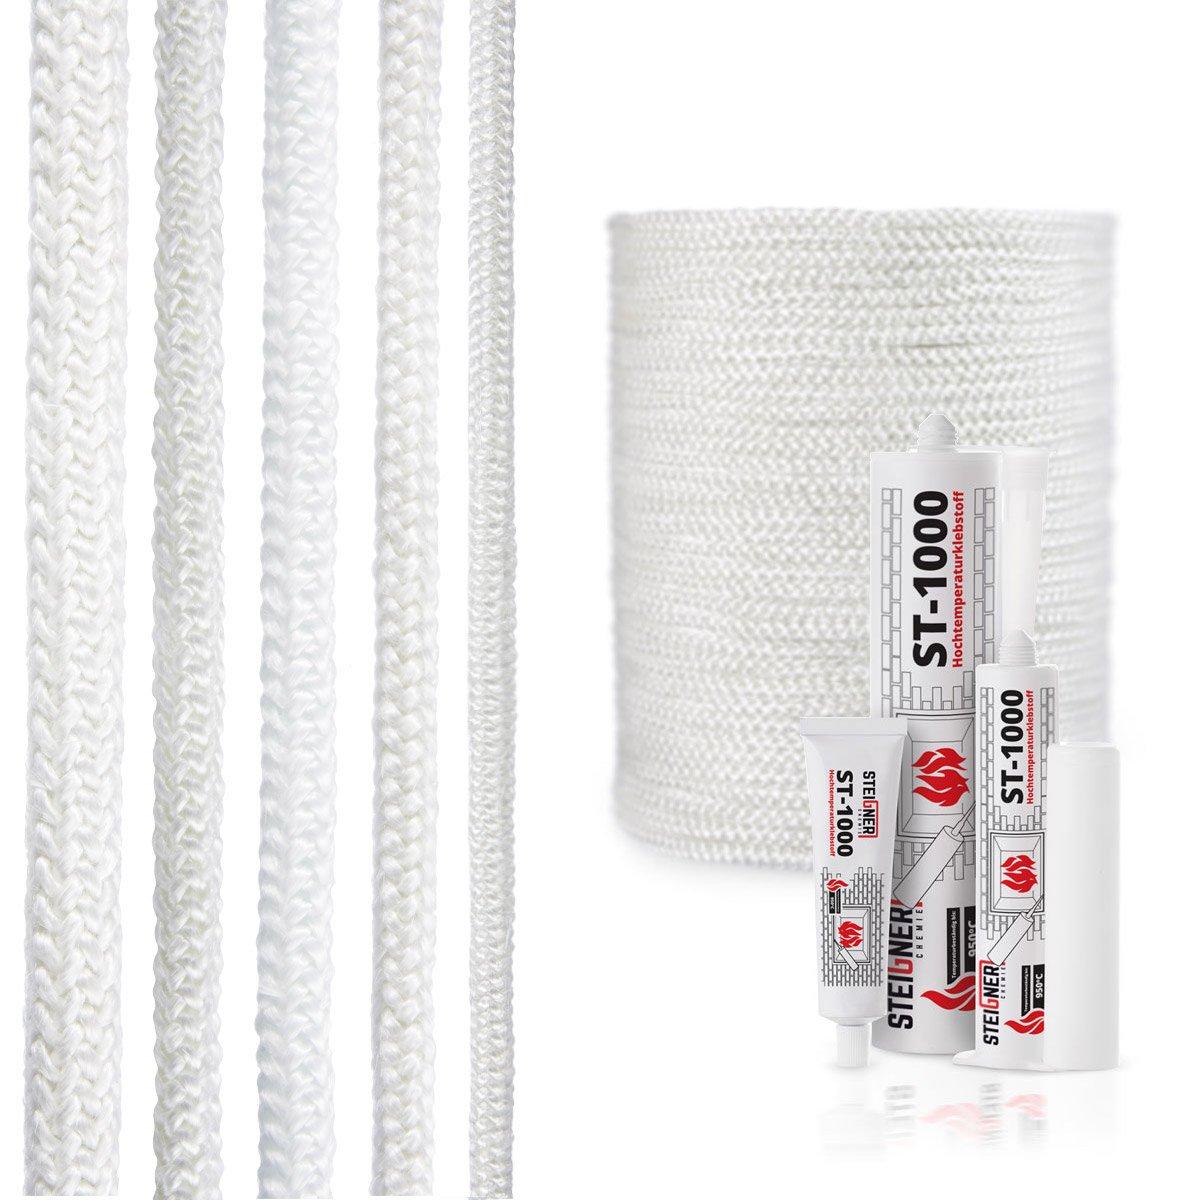 STEIGNER Cordone Isolante in Fibra di Vetro SKD02-12, Bianco con sigillante adesivo per montaggio termico resistente alla temperatura fino a 550°C 2 m, 12 mm